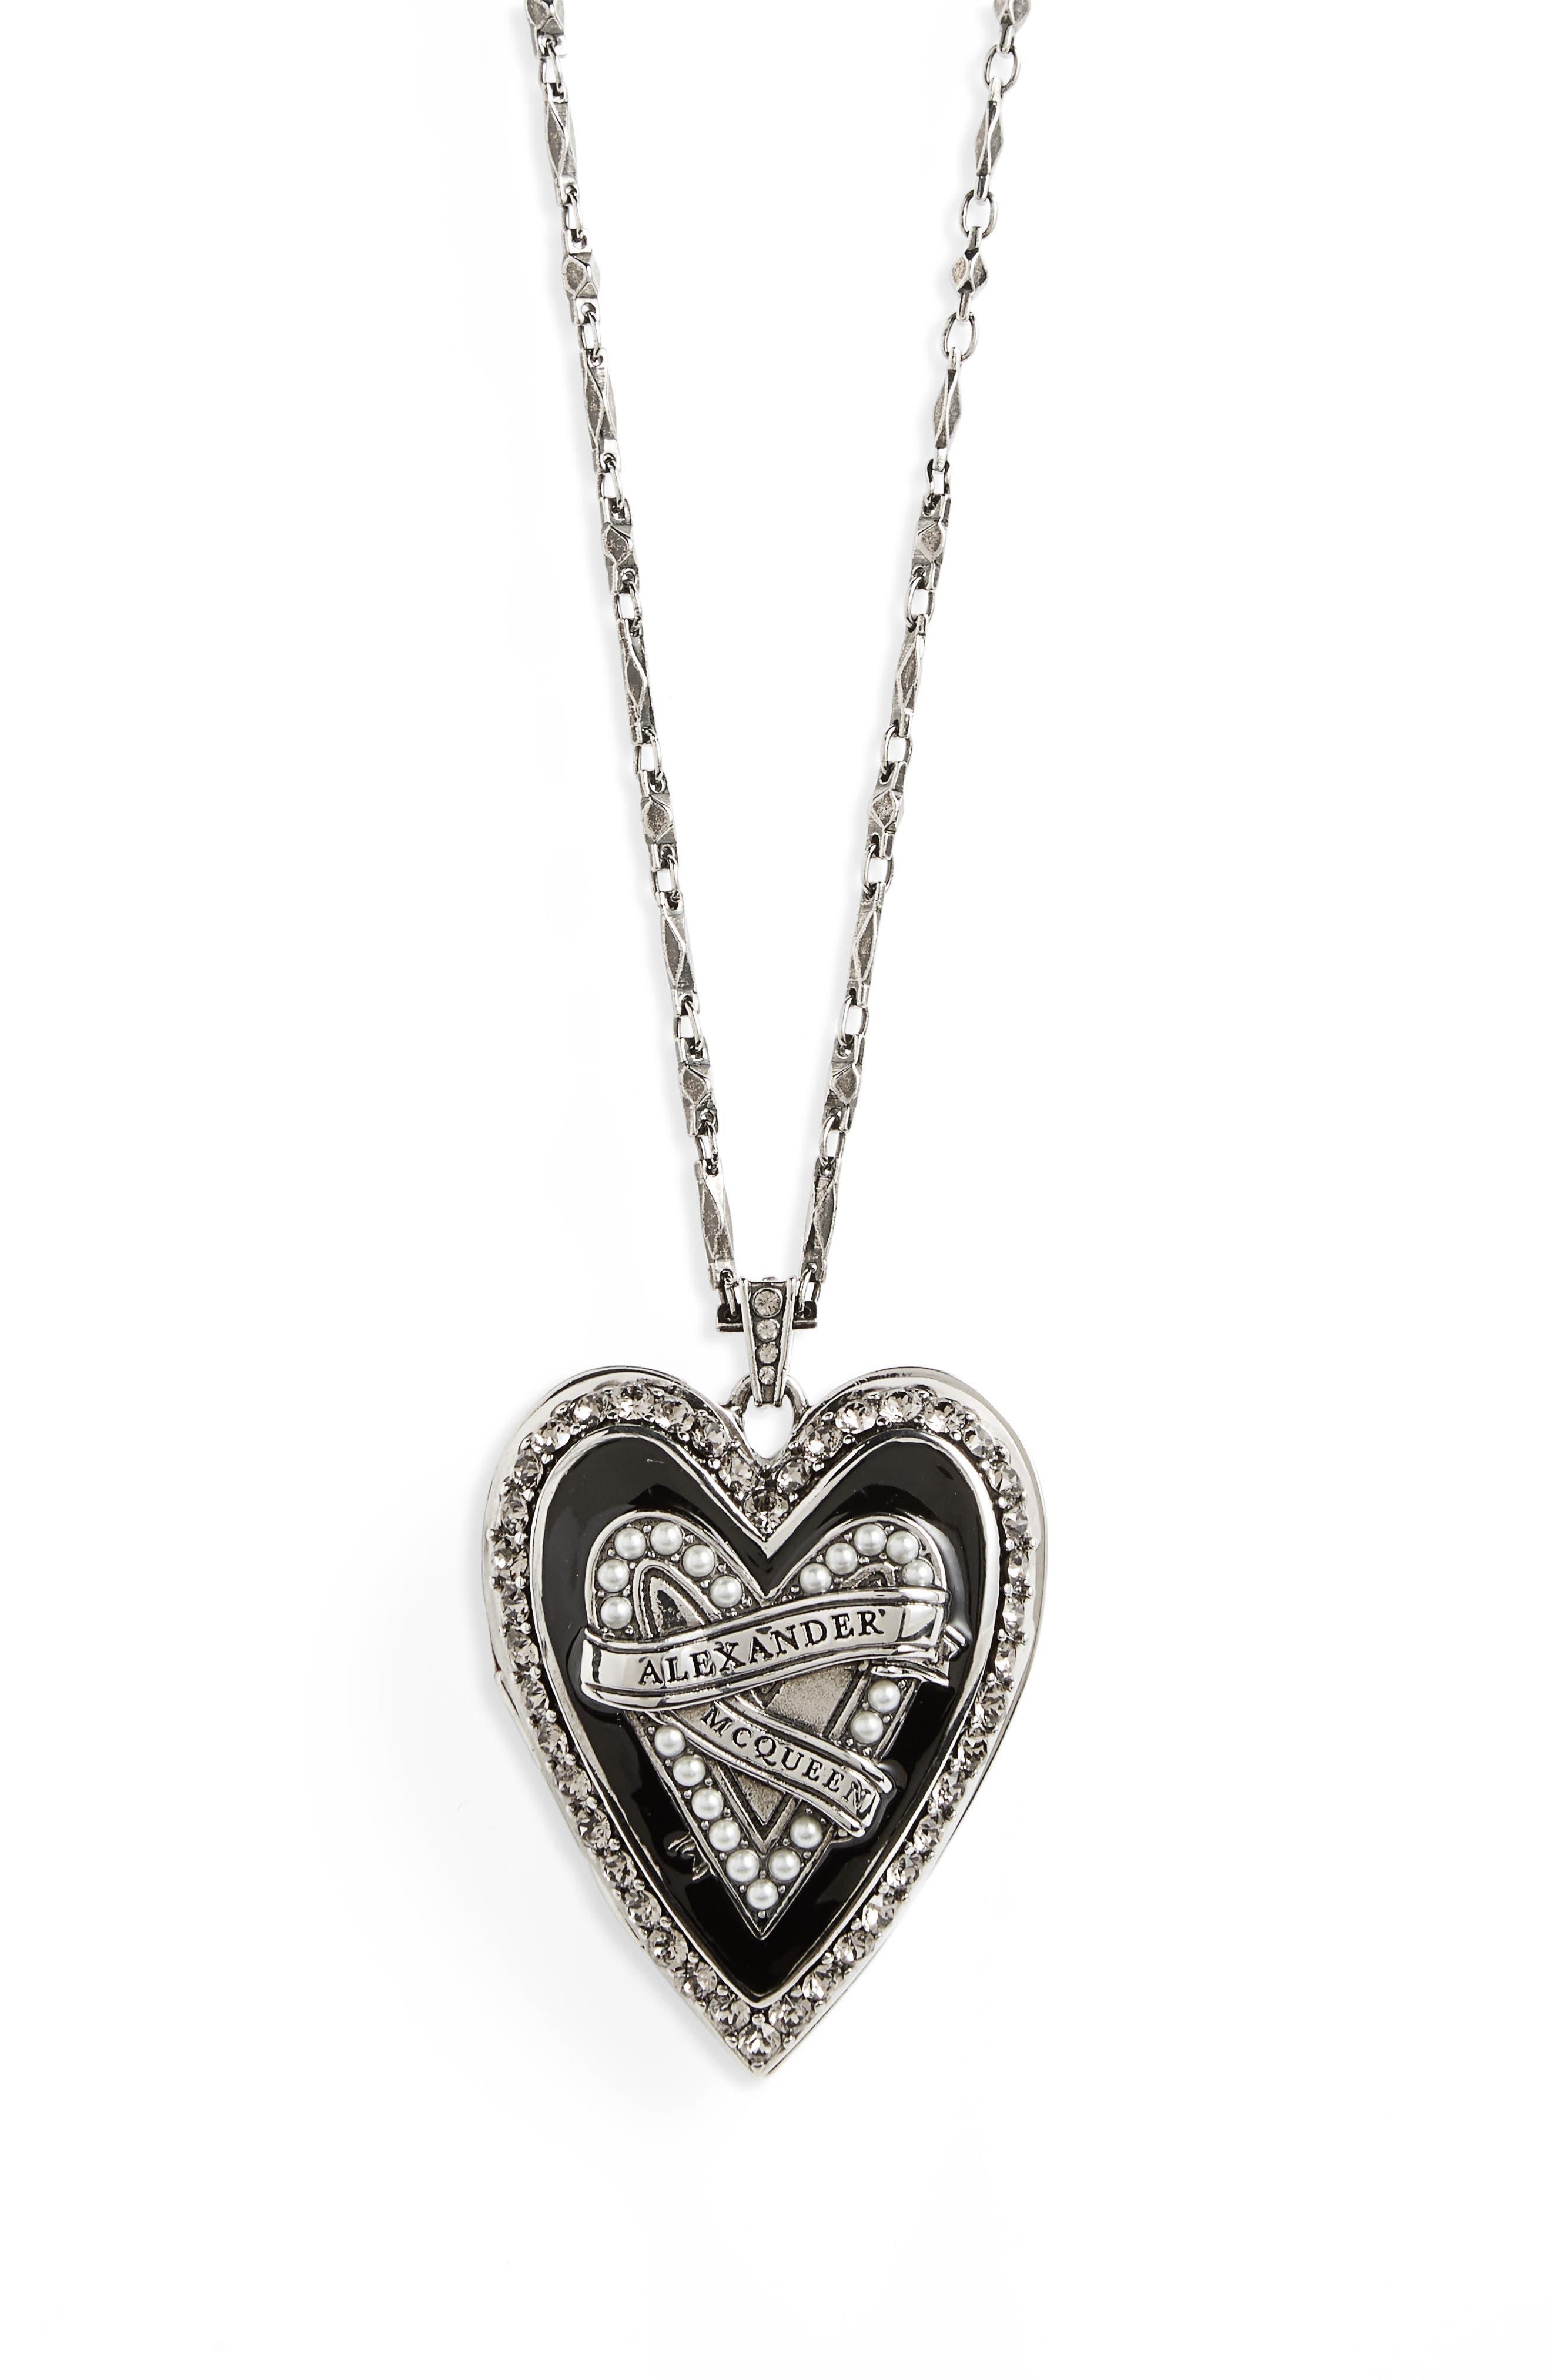 Heart Pendant Necklace,                             Alternate thumbnail 2, color,                             Antique Silver/ Jet